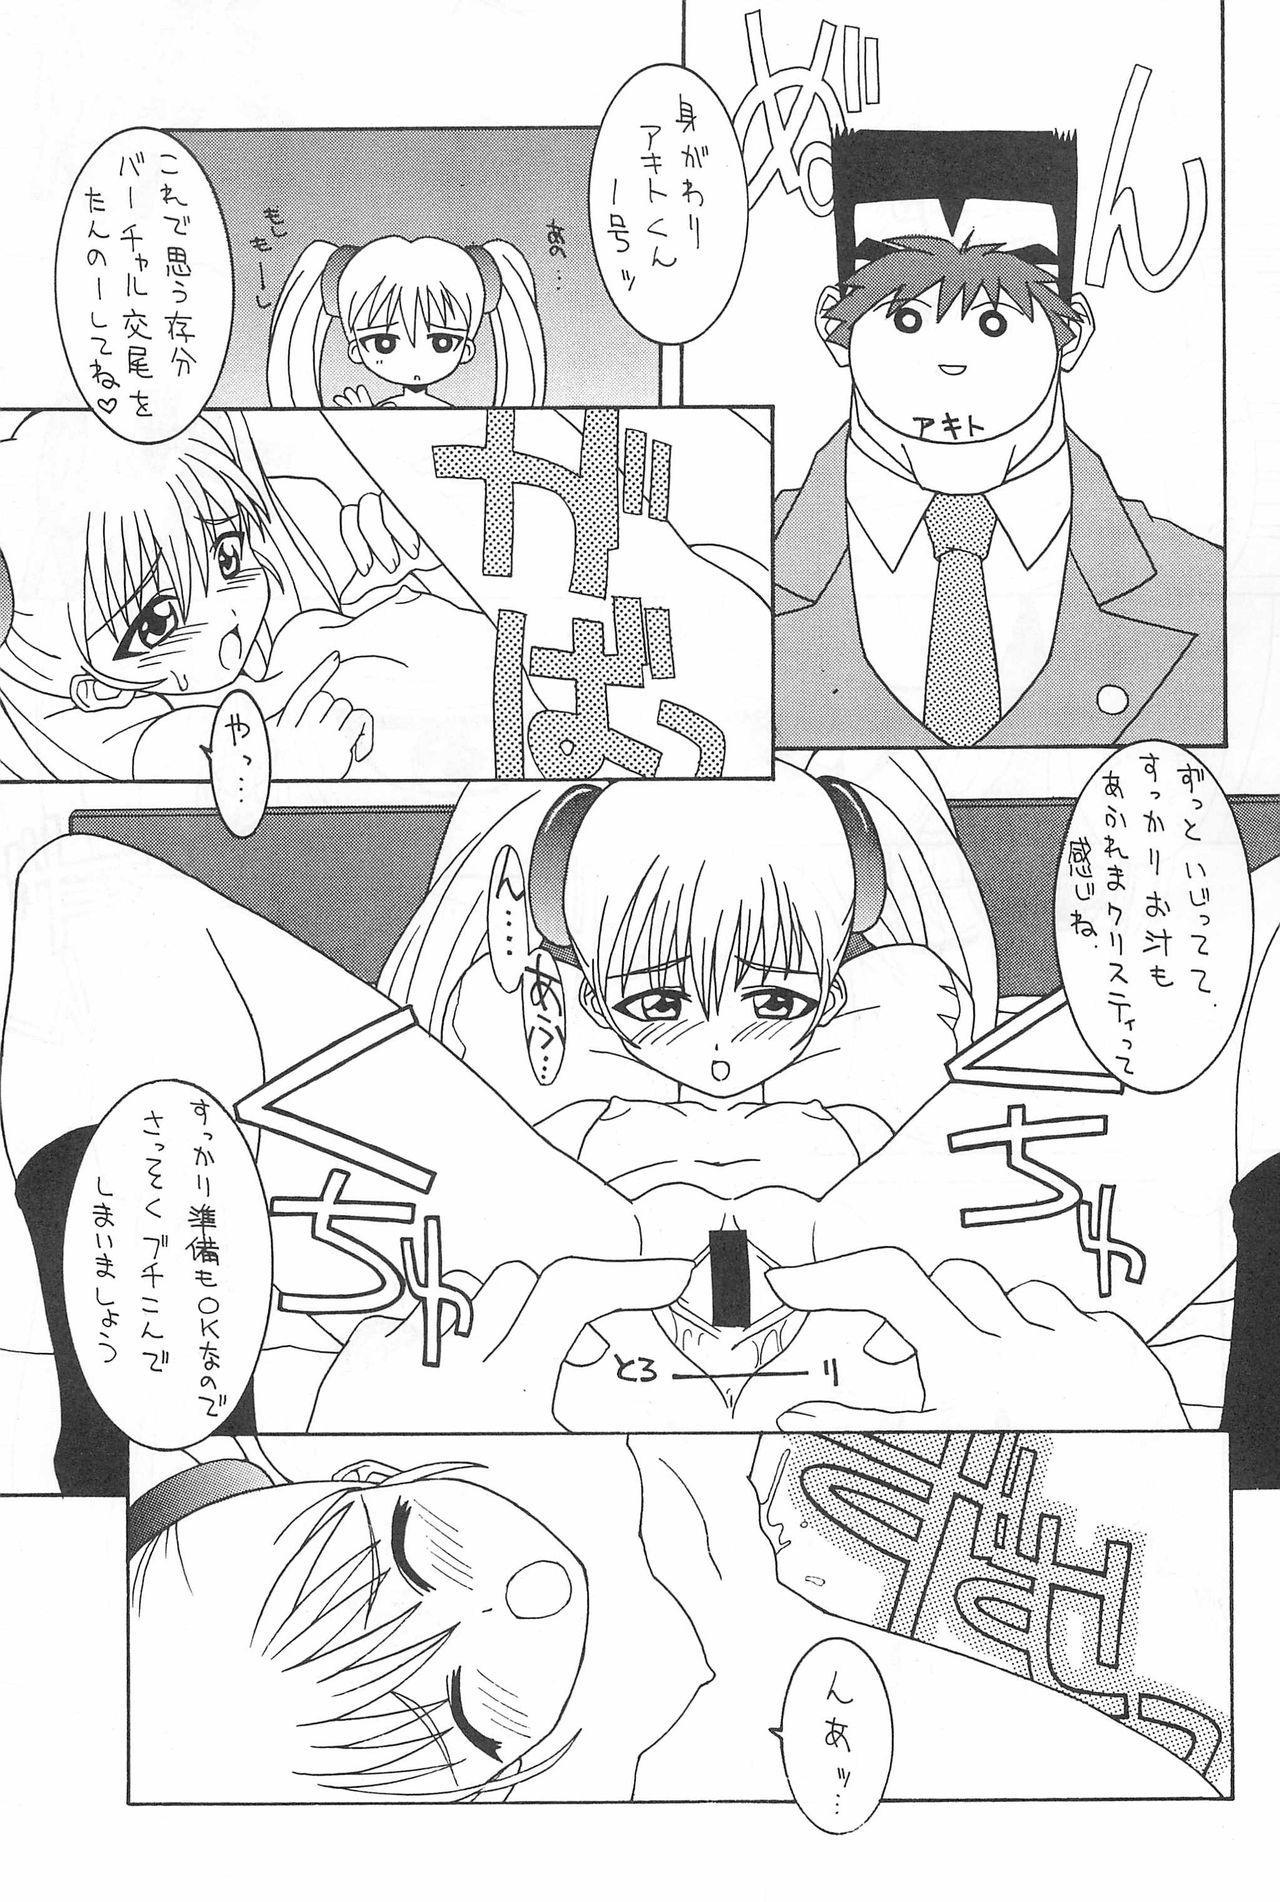 Soko da! Ninpou Youjitaikei no Jutsu EX 8